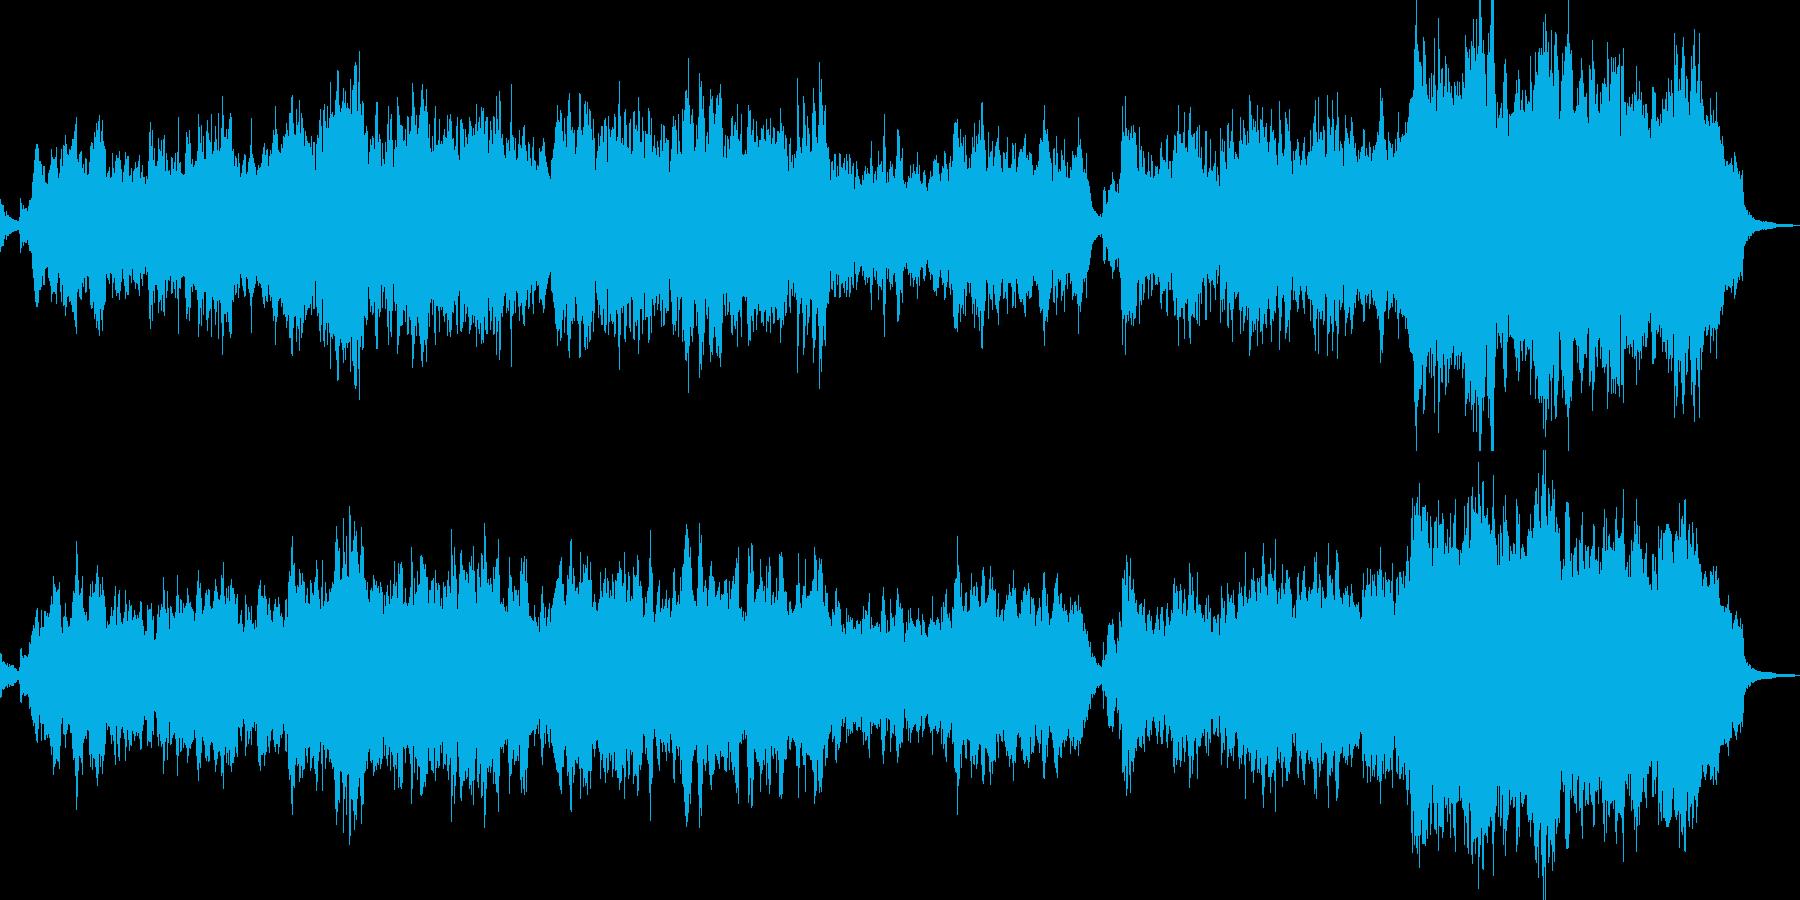 壮大シンセのサウンドスケープの再生済みの波形